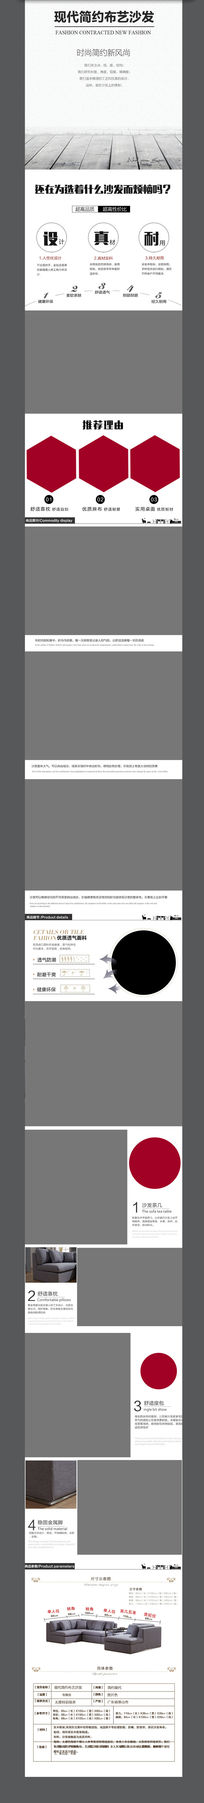 淘宝天猫沙发详情页细节描述模板3图片下载